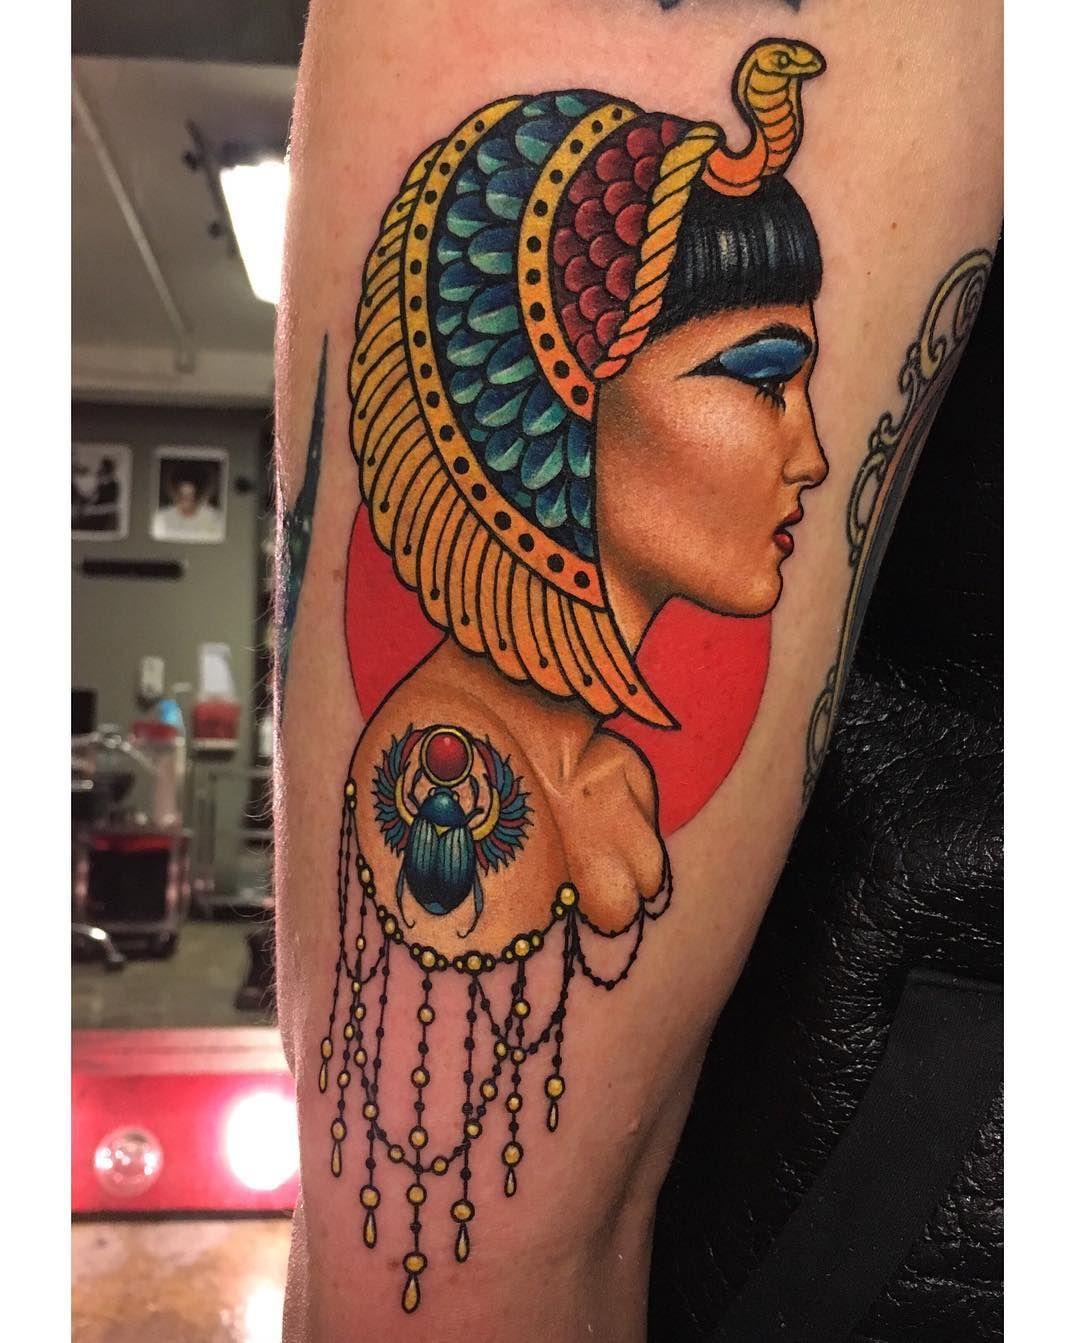 """fd3d5df1a 19.6 mil curtidas, 106 comentários - Megan Massacre (@megan_massacre) no  Instagram: """"Cleopatra tattoo I did last week at my studio @gritnglory ✨🐍"""""""